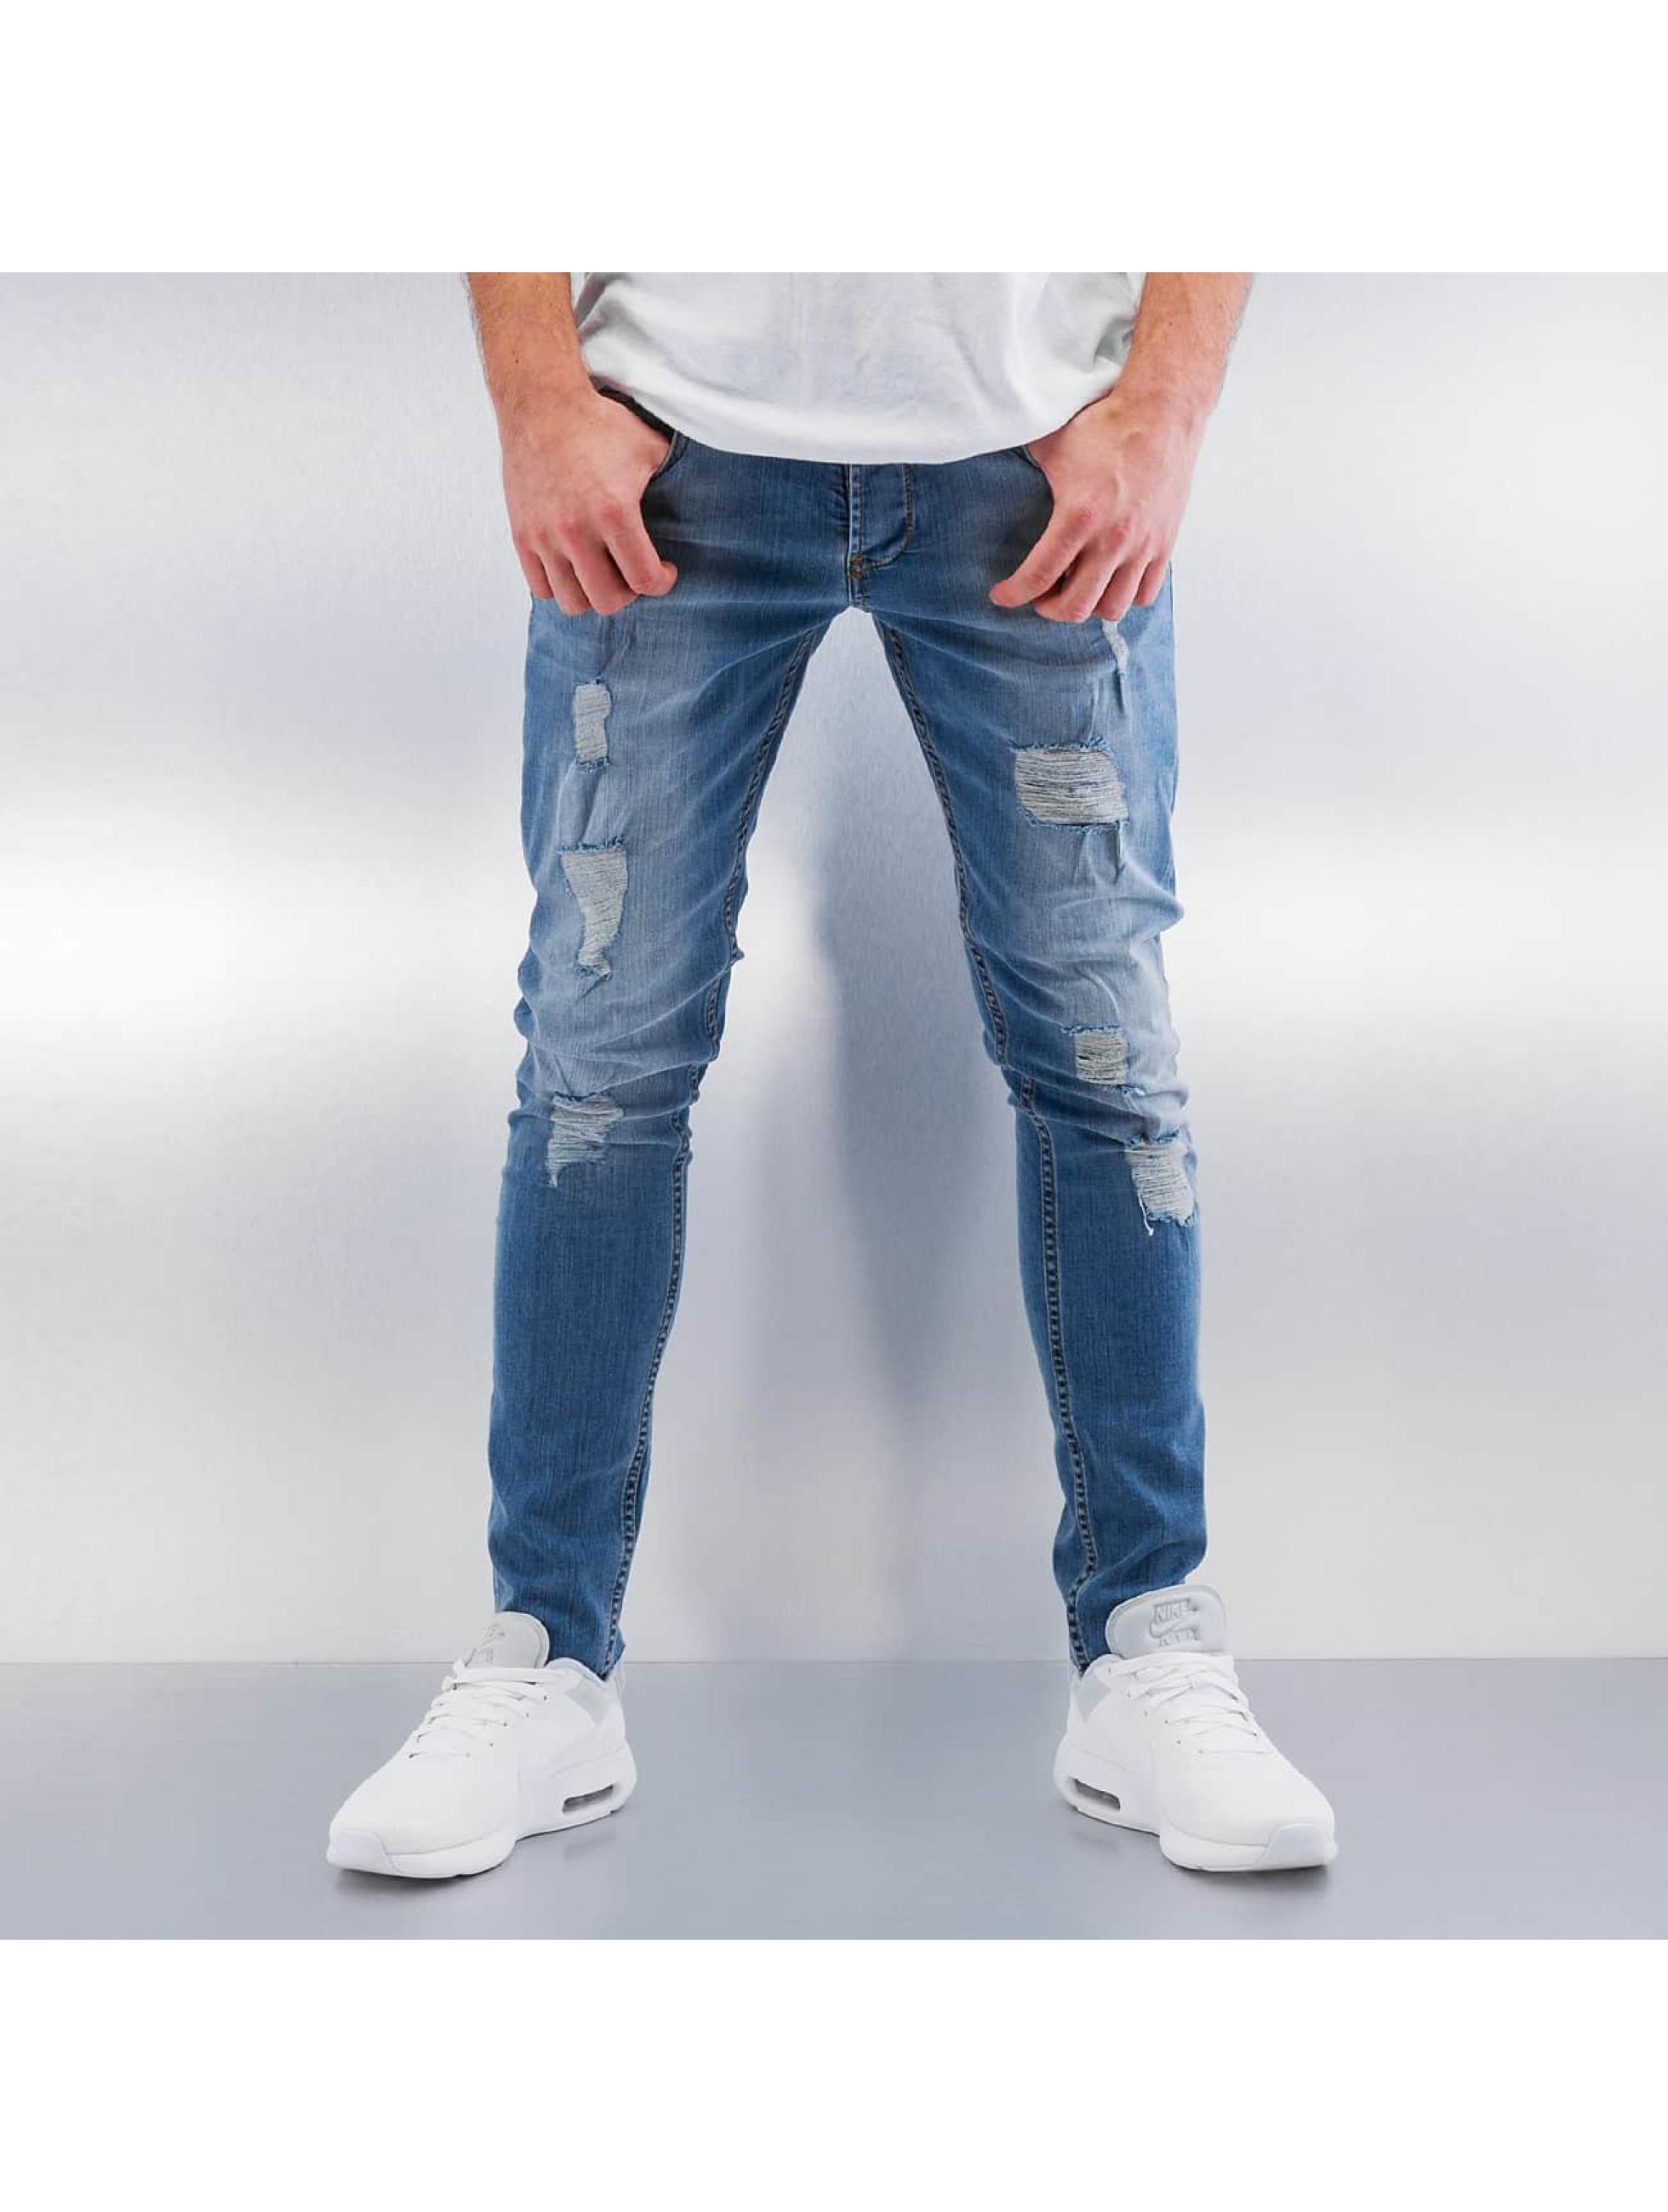 Skinny Jeans Destroyed in blau